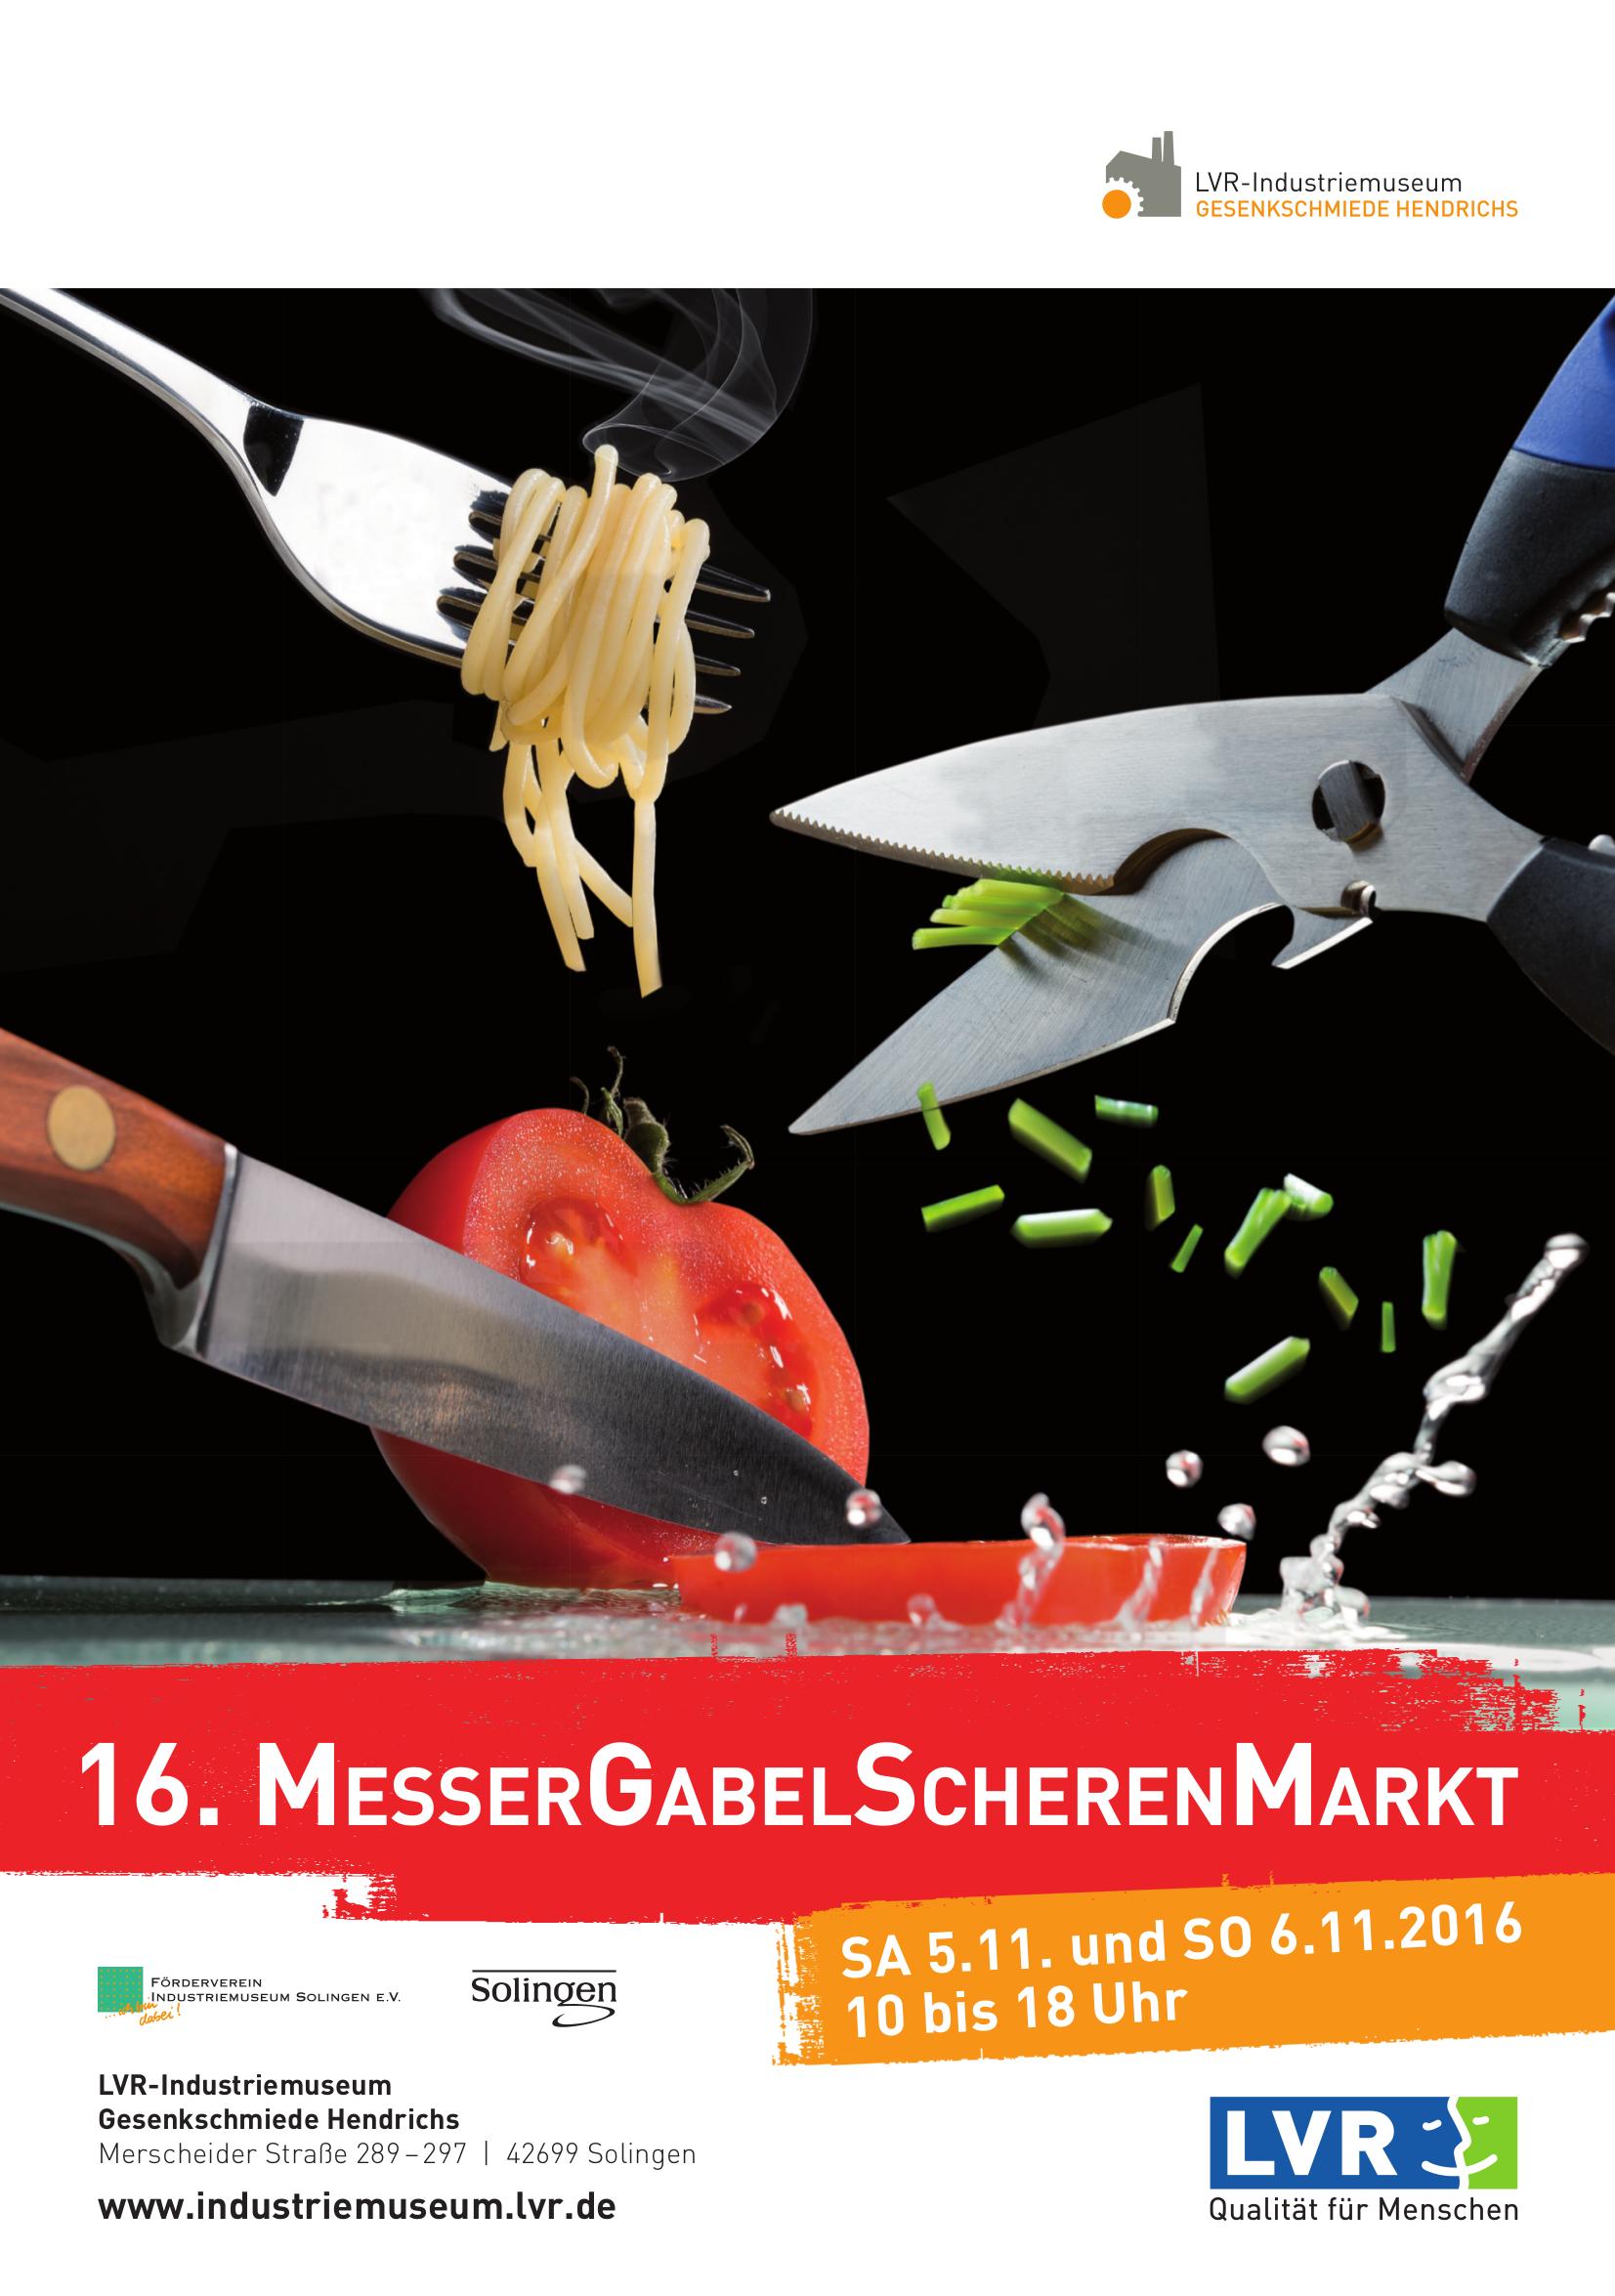 MesserGabelScherenMarkt 2016 - Wir freuen uns auf Ihren Besuch!